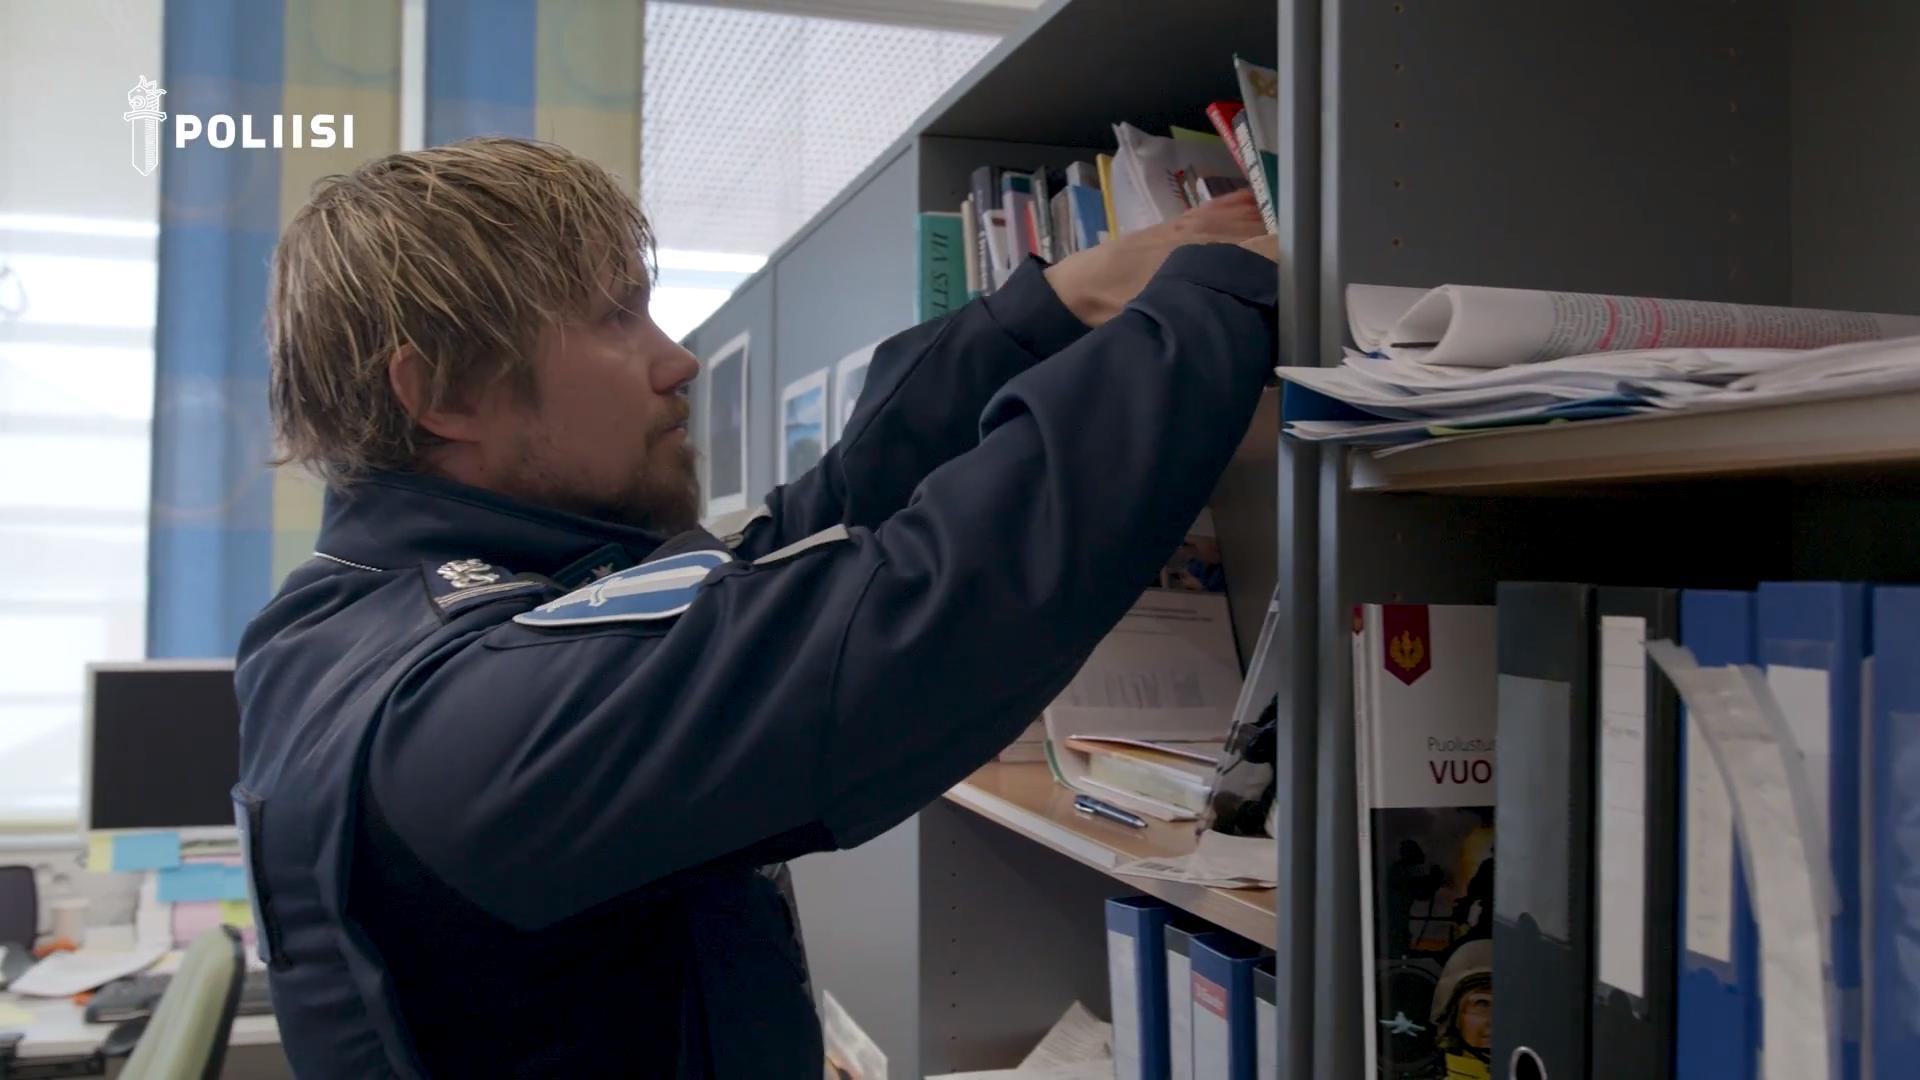 Kuvakaappaus polamk lukee -videosta: poliisi järjestelee kirjahyllyä